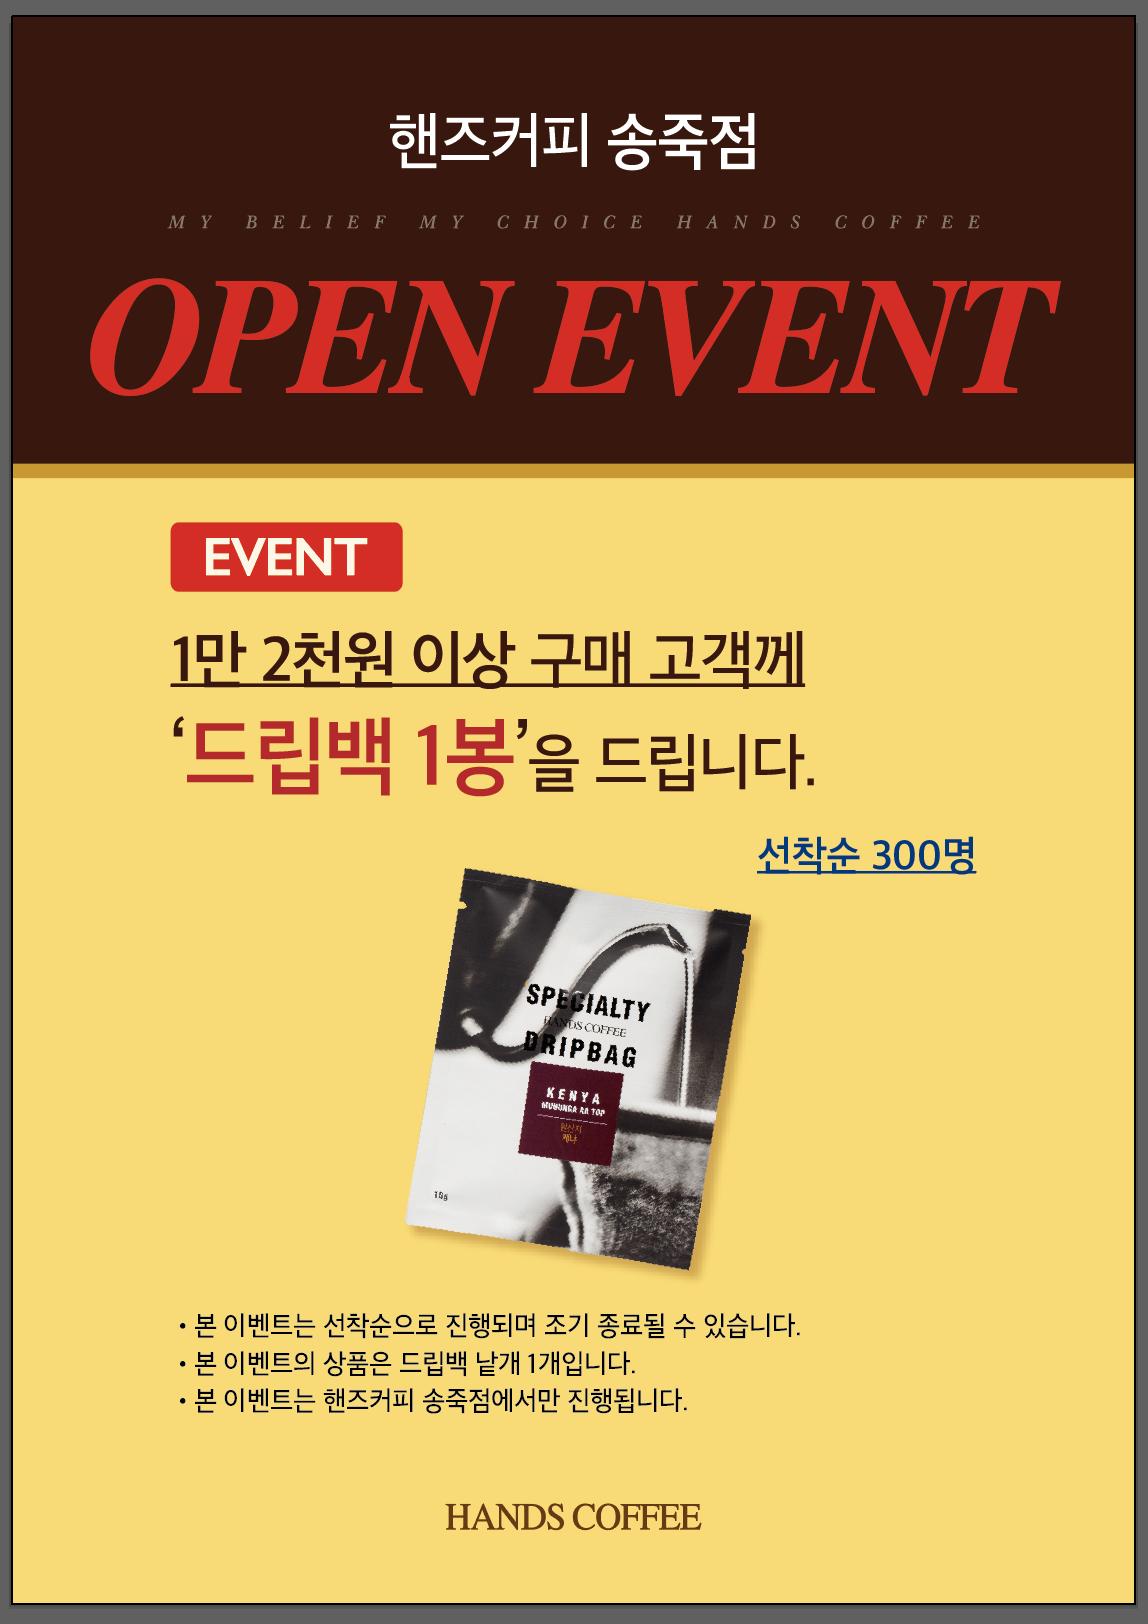 송죽점 오픈 프로모션_포스터_171205.png